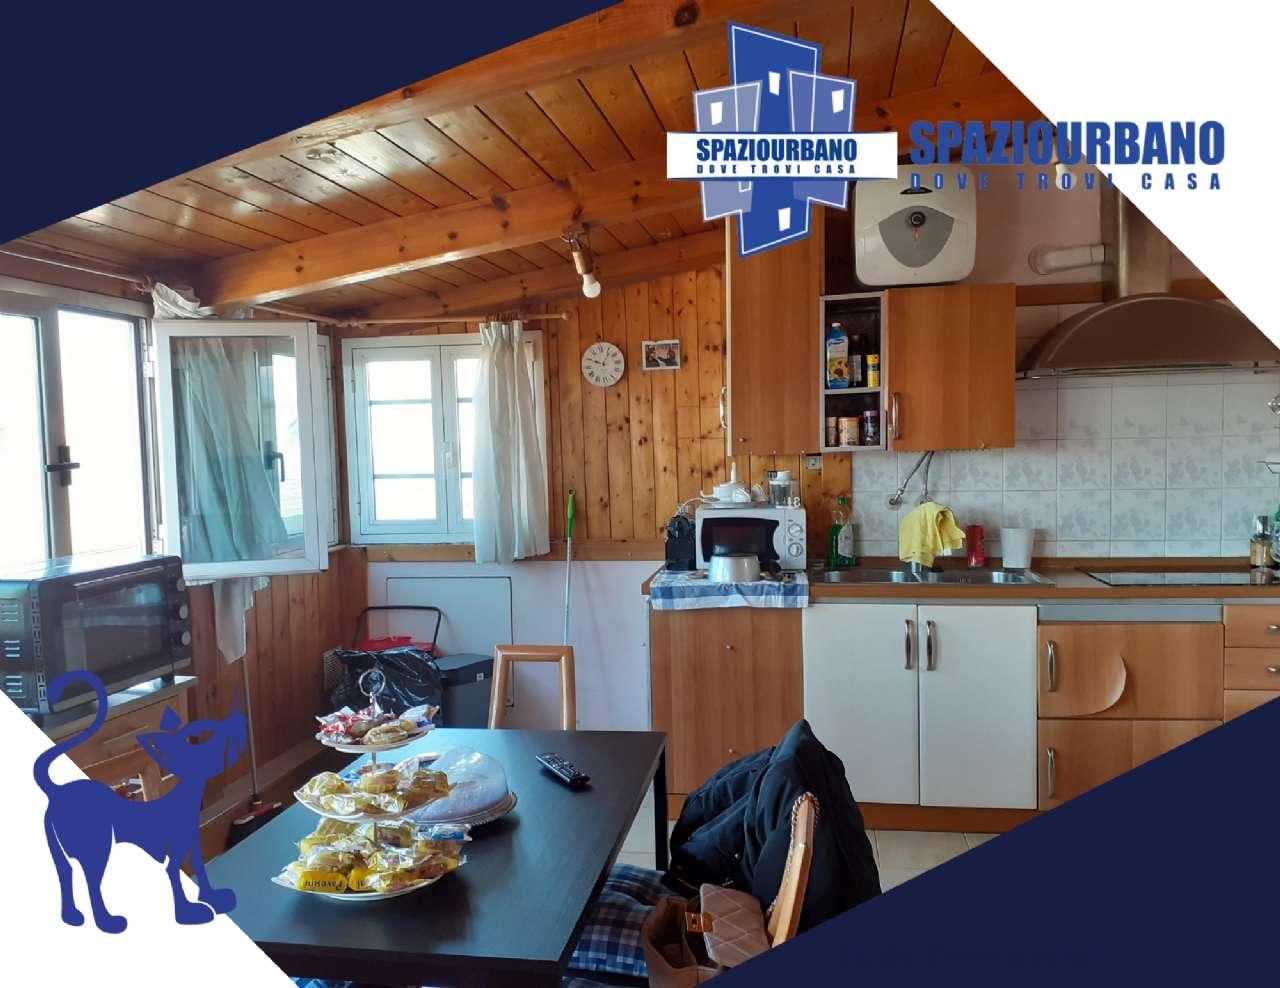 Appartamento in vendita a Cornaredo, 2 locali, prezzo € 69.000 | CambioCasa.it